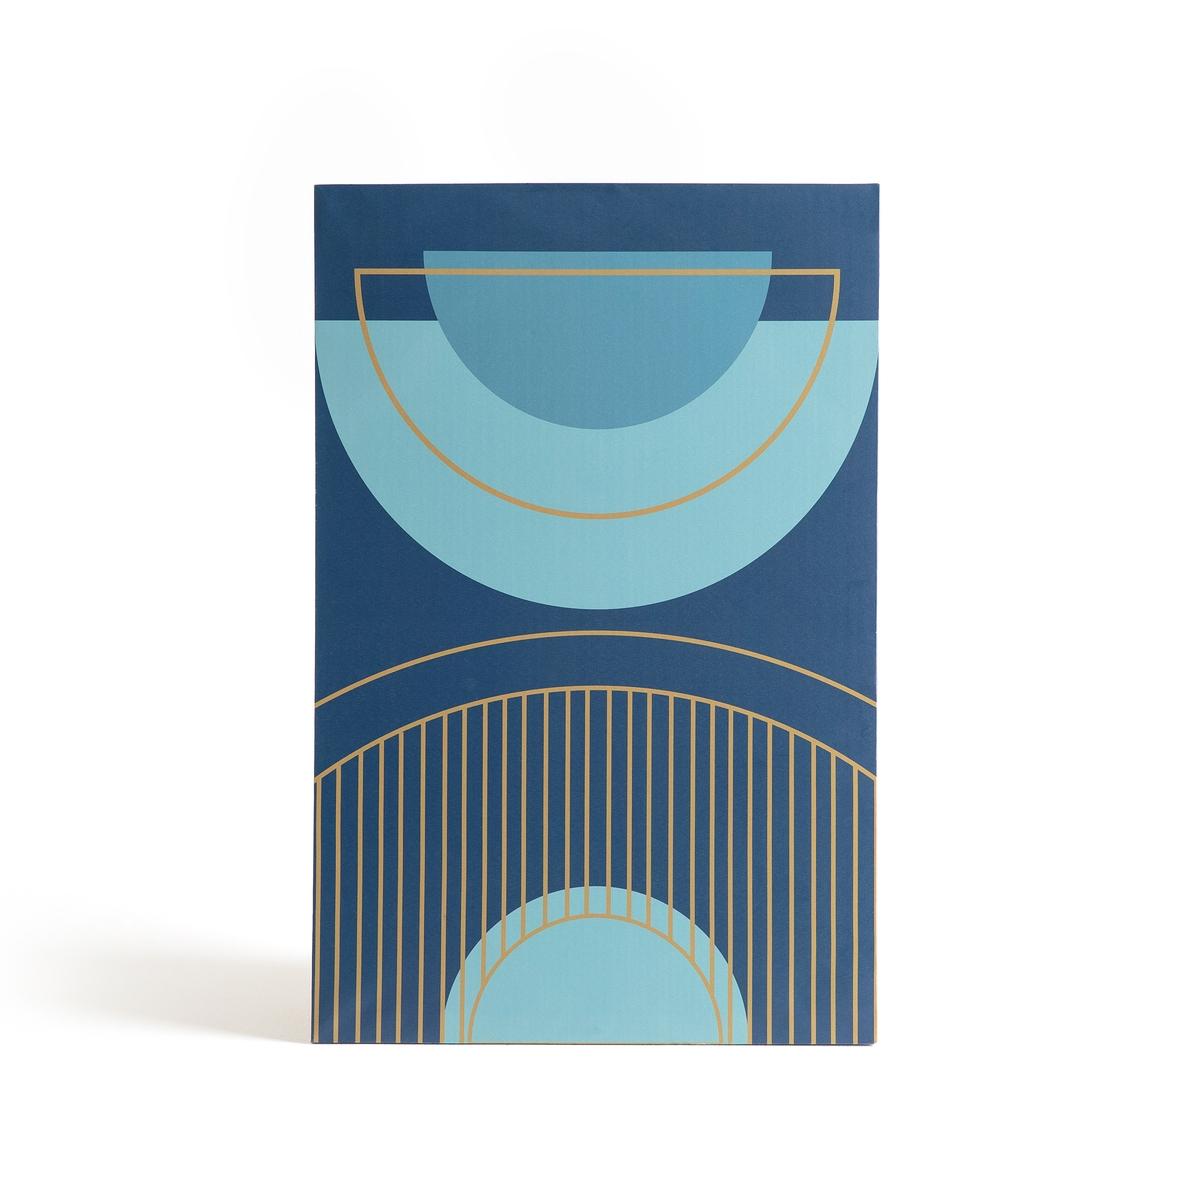 Холст LIANAХолст Liana. Геометрические мотивы в стилистике Арт Деко для интерьера в винтажном стиле.Описание холста Liana:1 крючок для крепления Ткань канва на рамке из сосны Откройте для себя всю коллекцию декора на сайте laredoute.ruРазмеры 1 картины :L46 x H70 см<br><br>Цвет: сине-зеленый